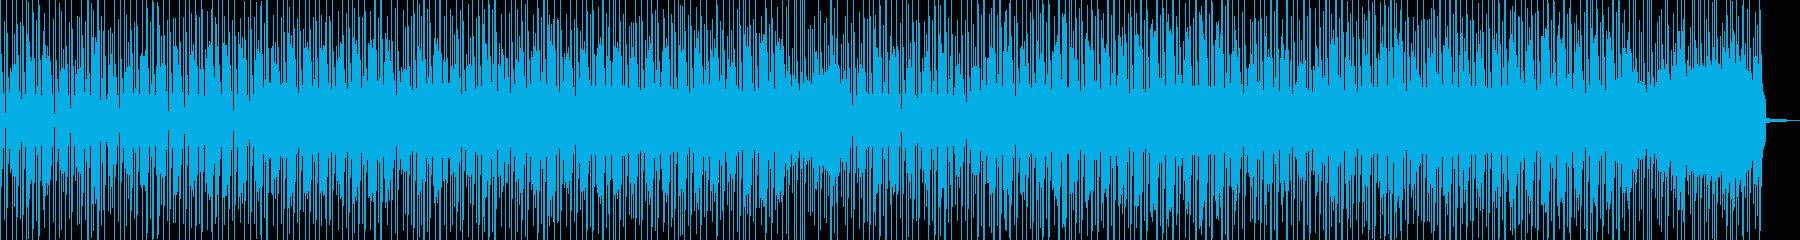 日常を彩るウクレレ&ギターポップス Cの再生済みの波形